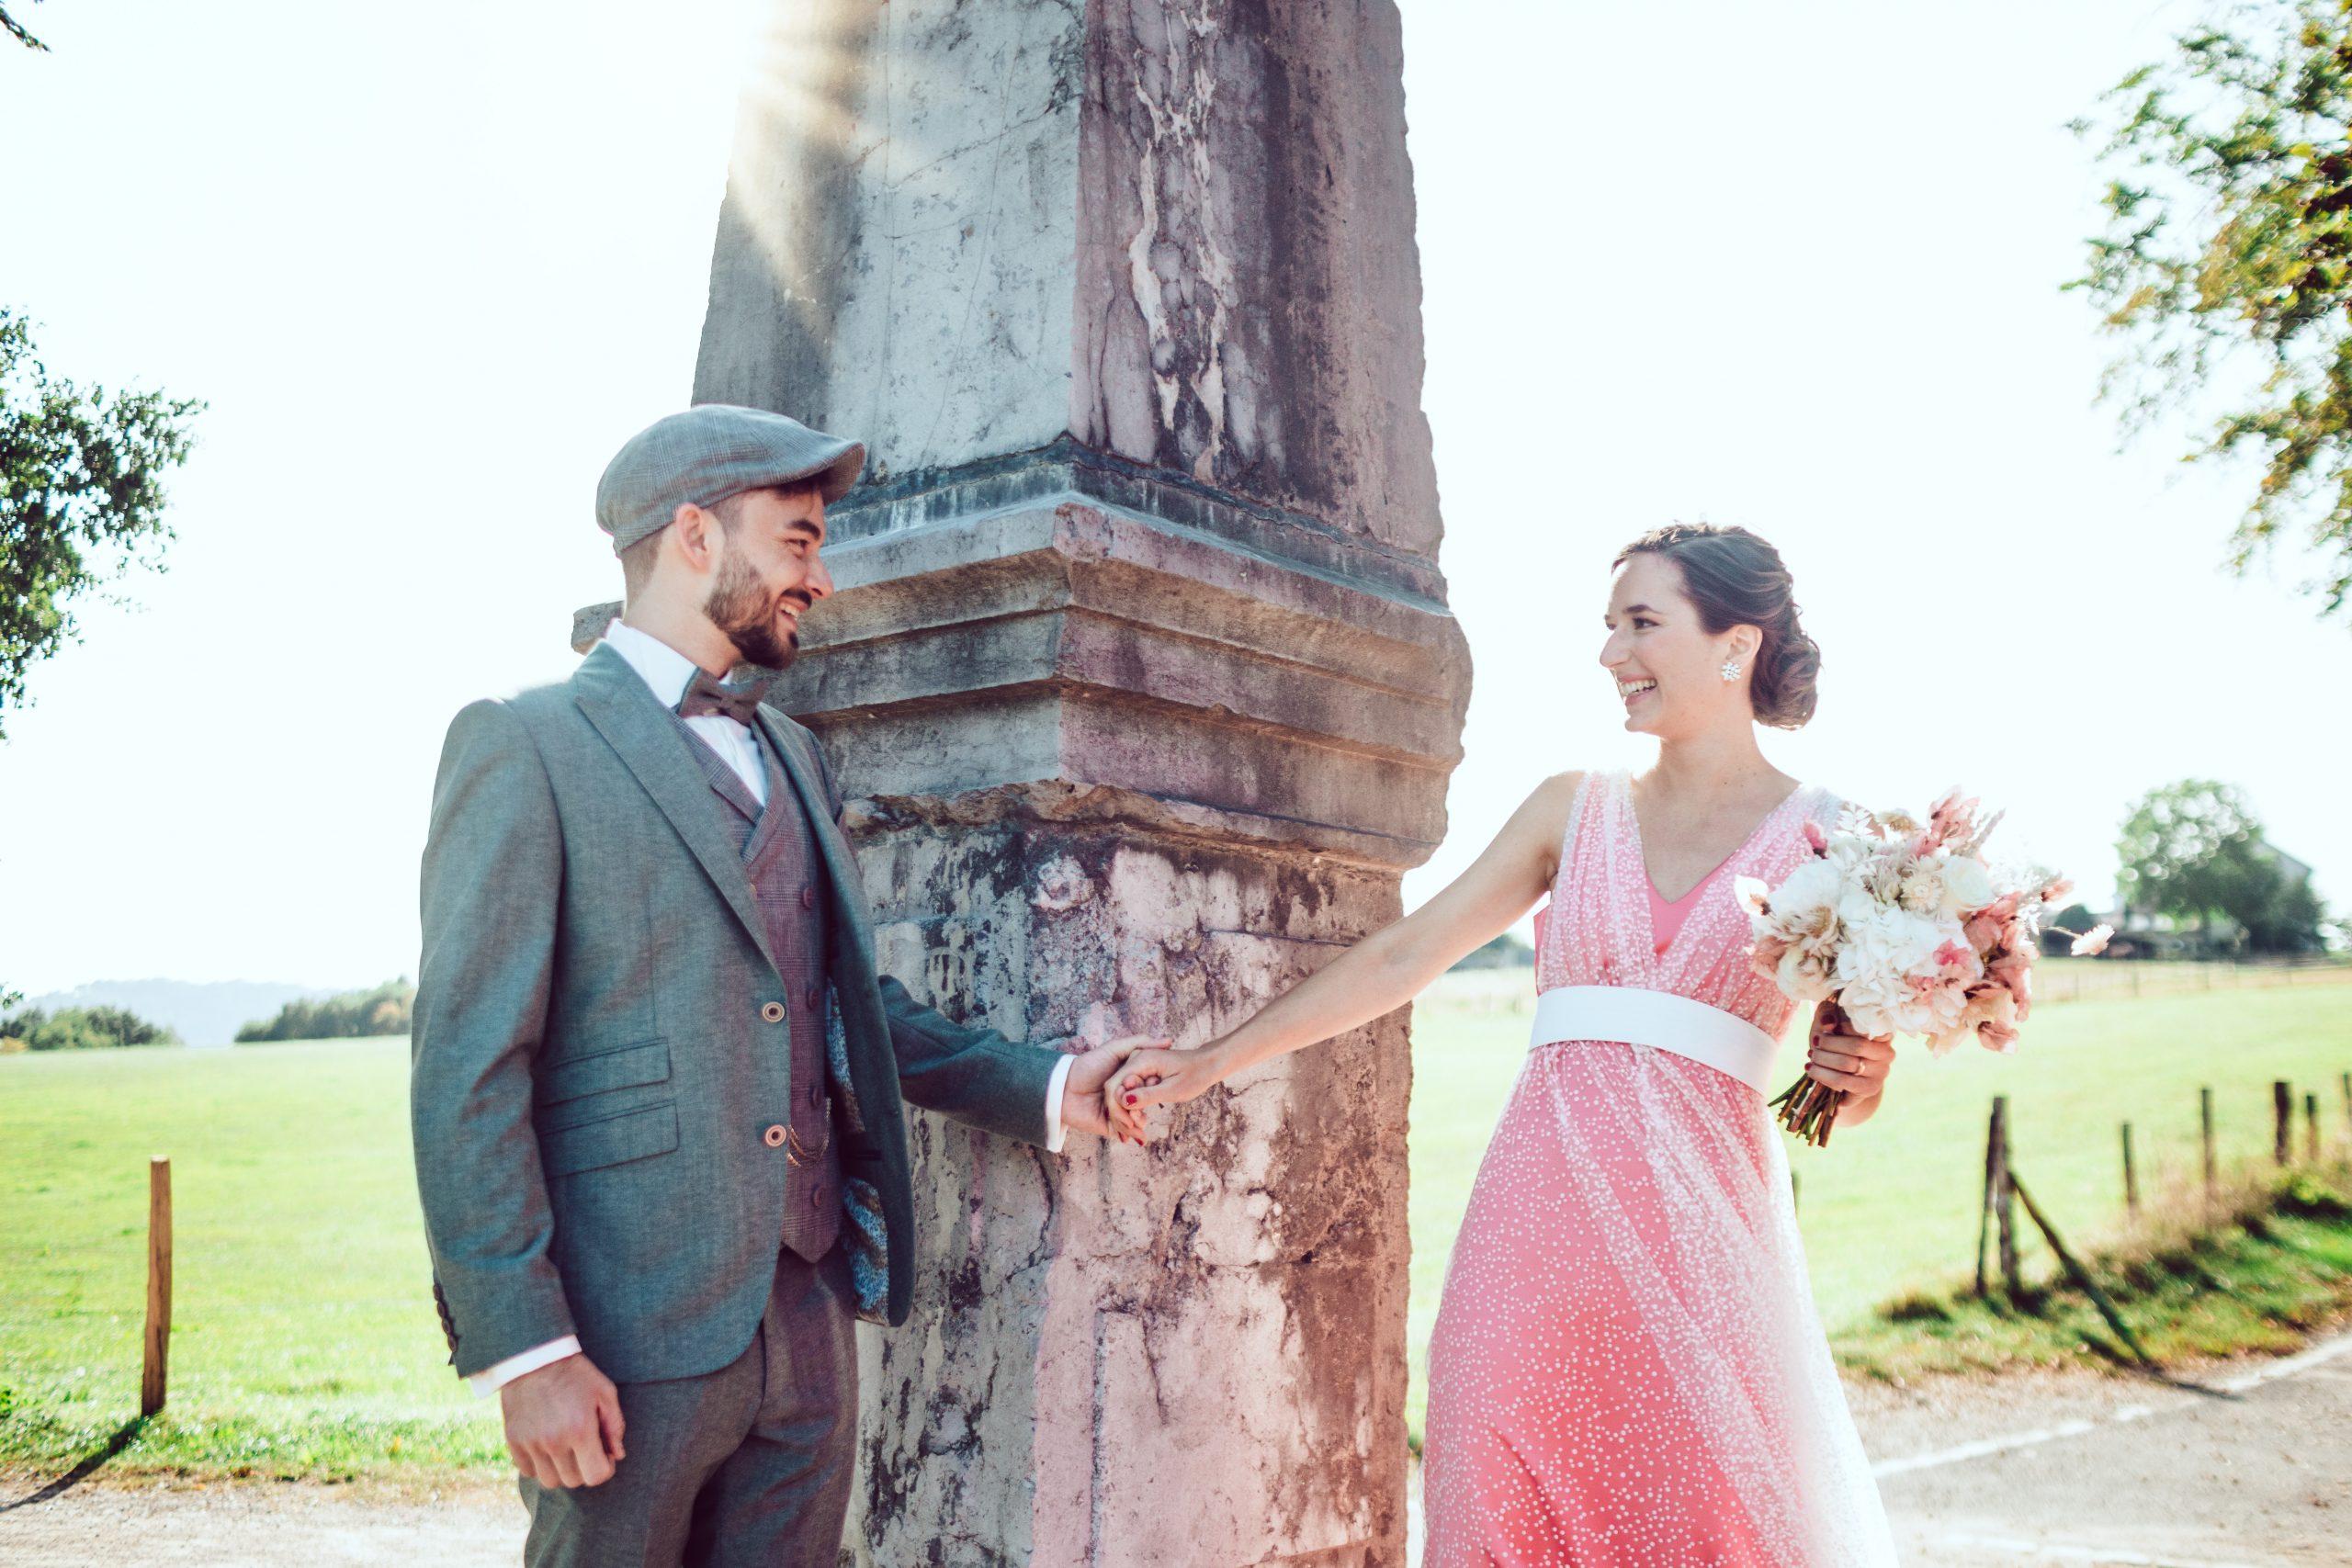 Braut und Bräutigam bei Sonnenschein ganz glücklich